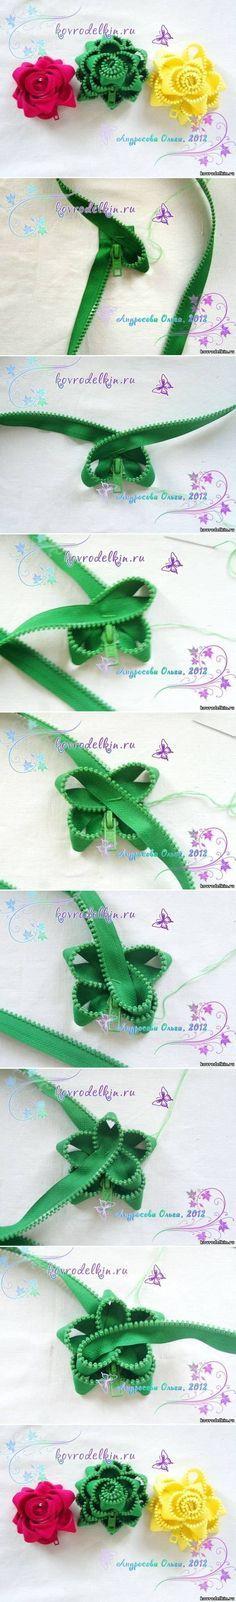 flor de ziper